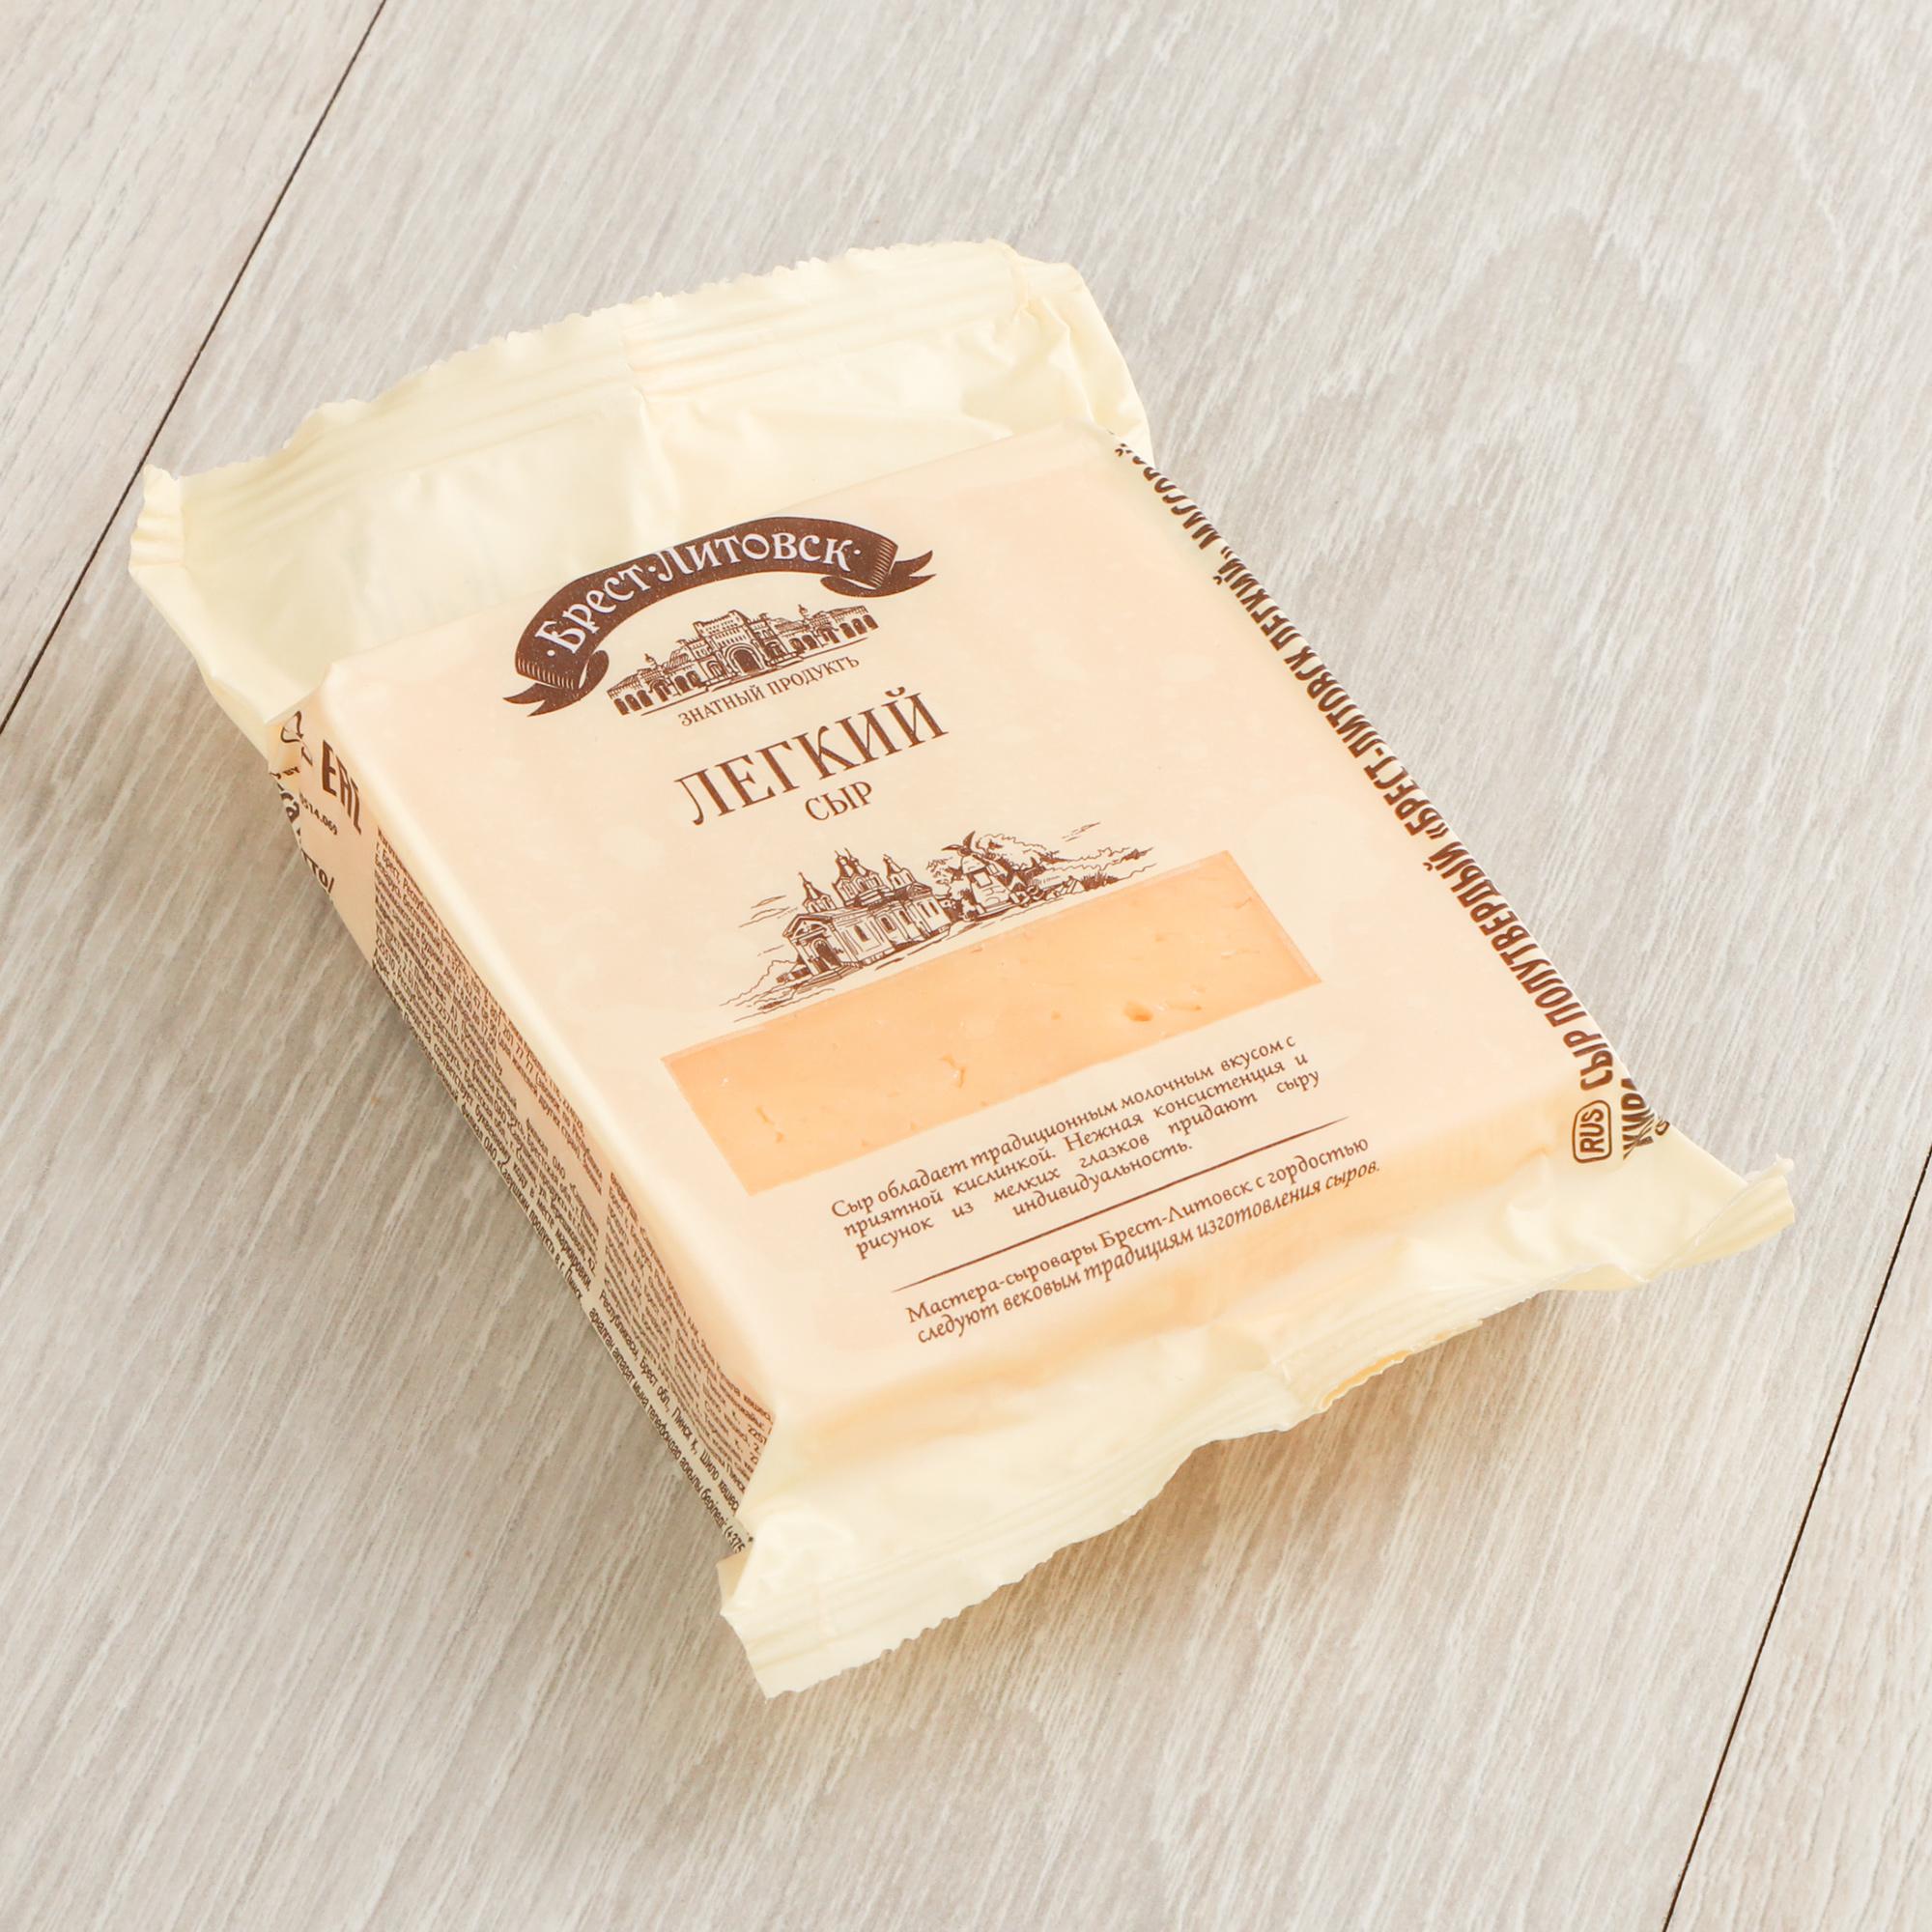 Сыр Брест-Литовск Легкий 35% 200 г